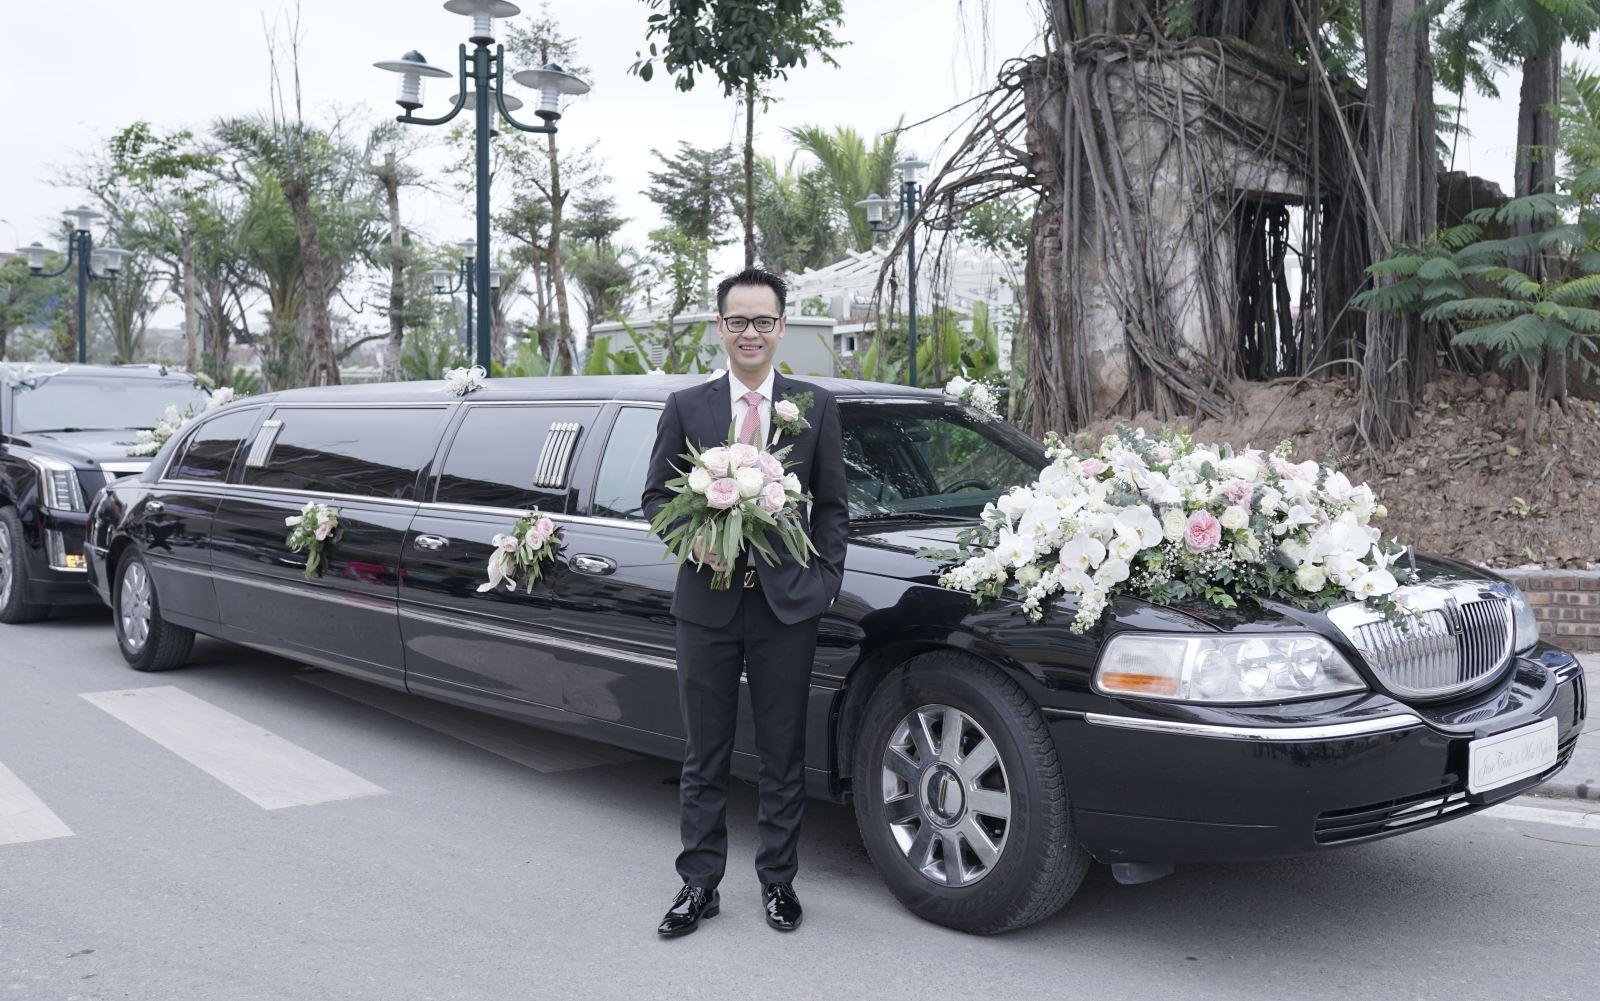 Chủ rể đi đón dâu bằng xe khủng